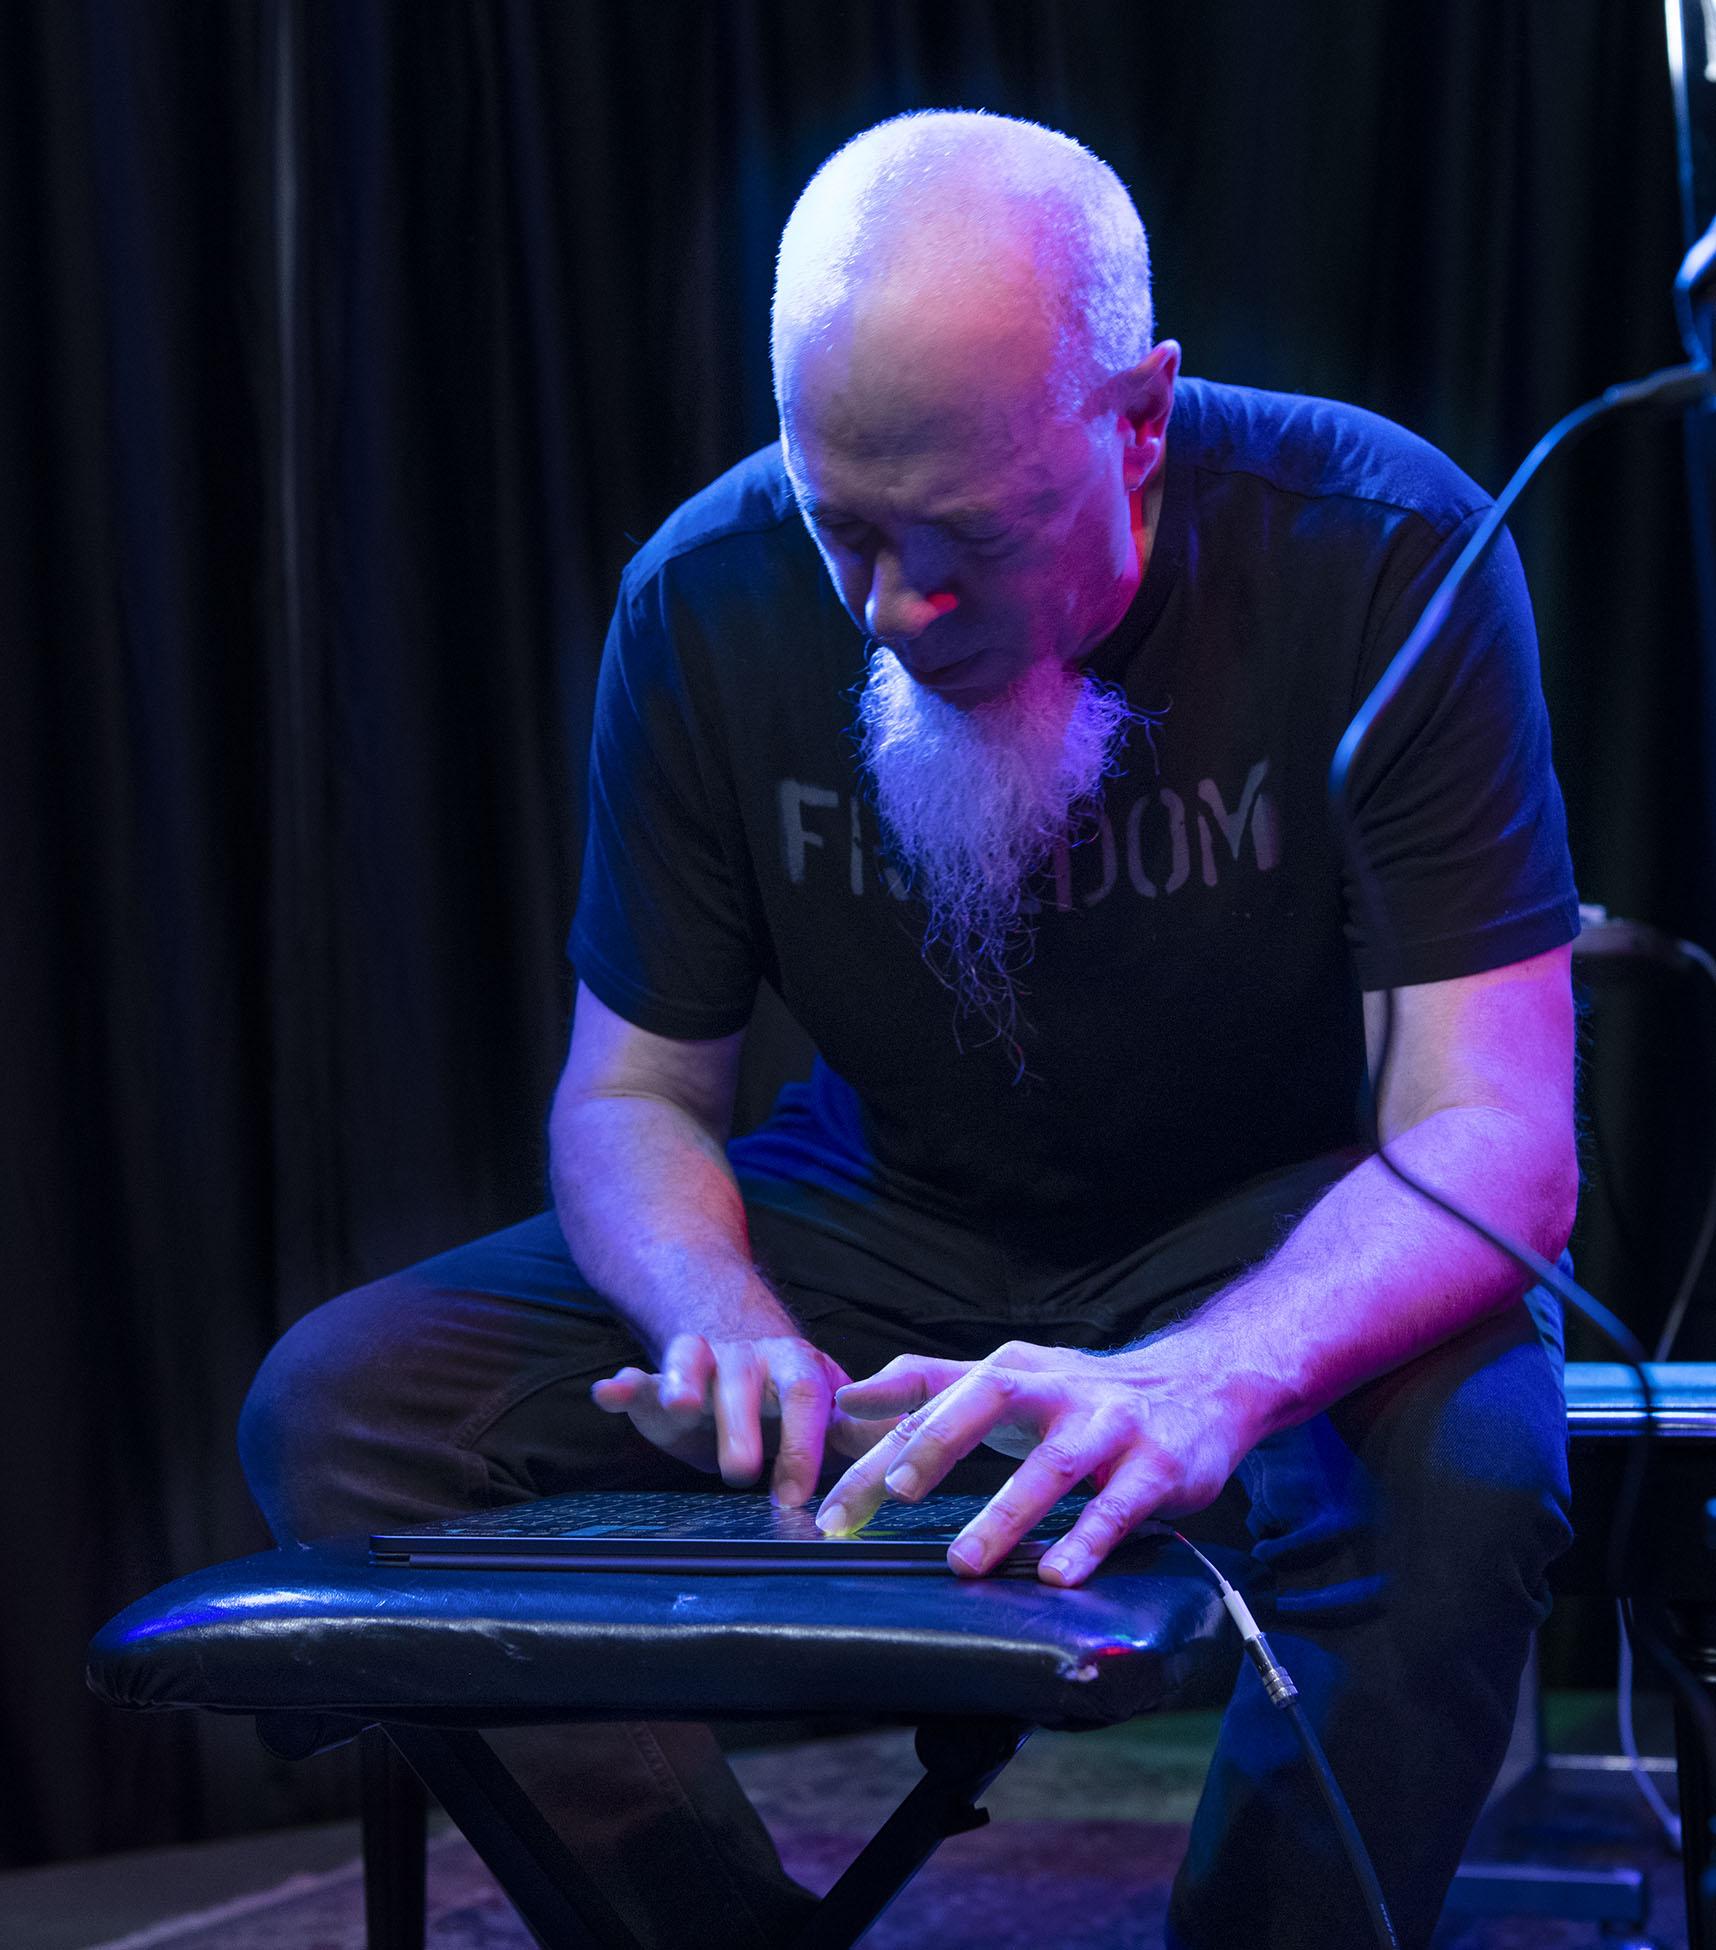 Jordan Rudess at the LoFaro Center of the Performing Arts, August 17, 2019